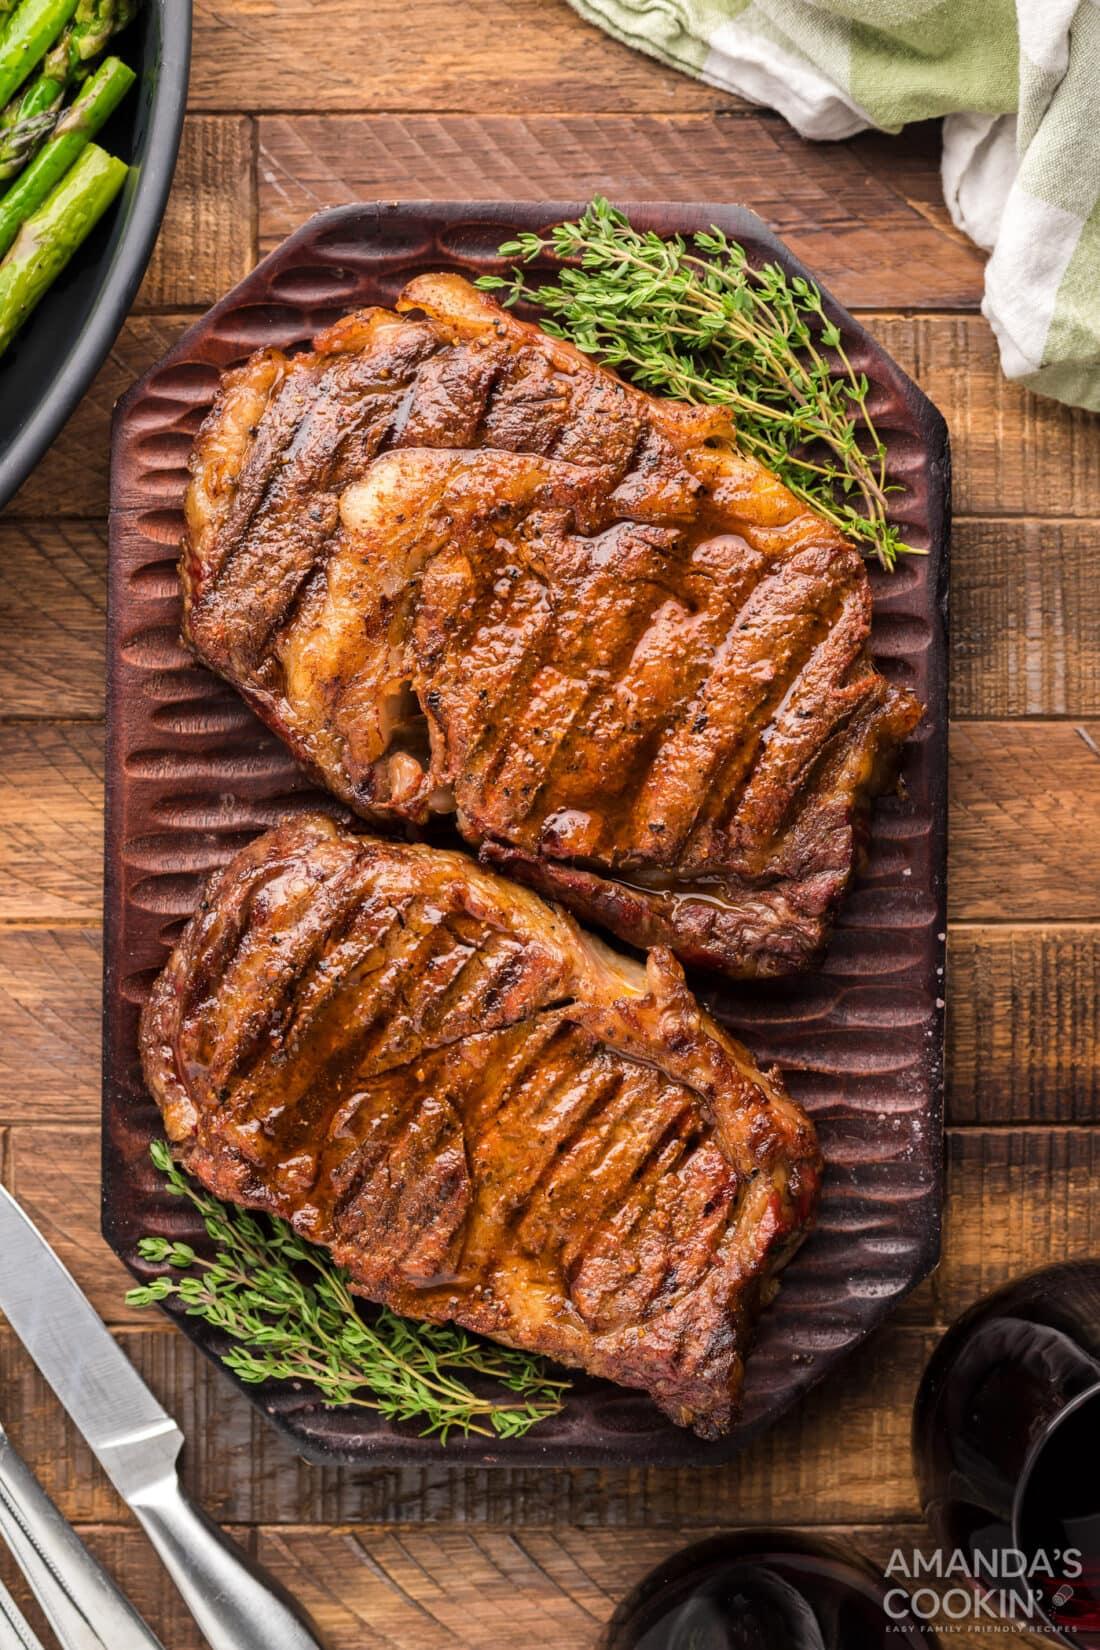 2 Smoked Ribeye steaks on cutting board